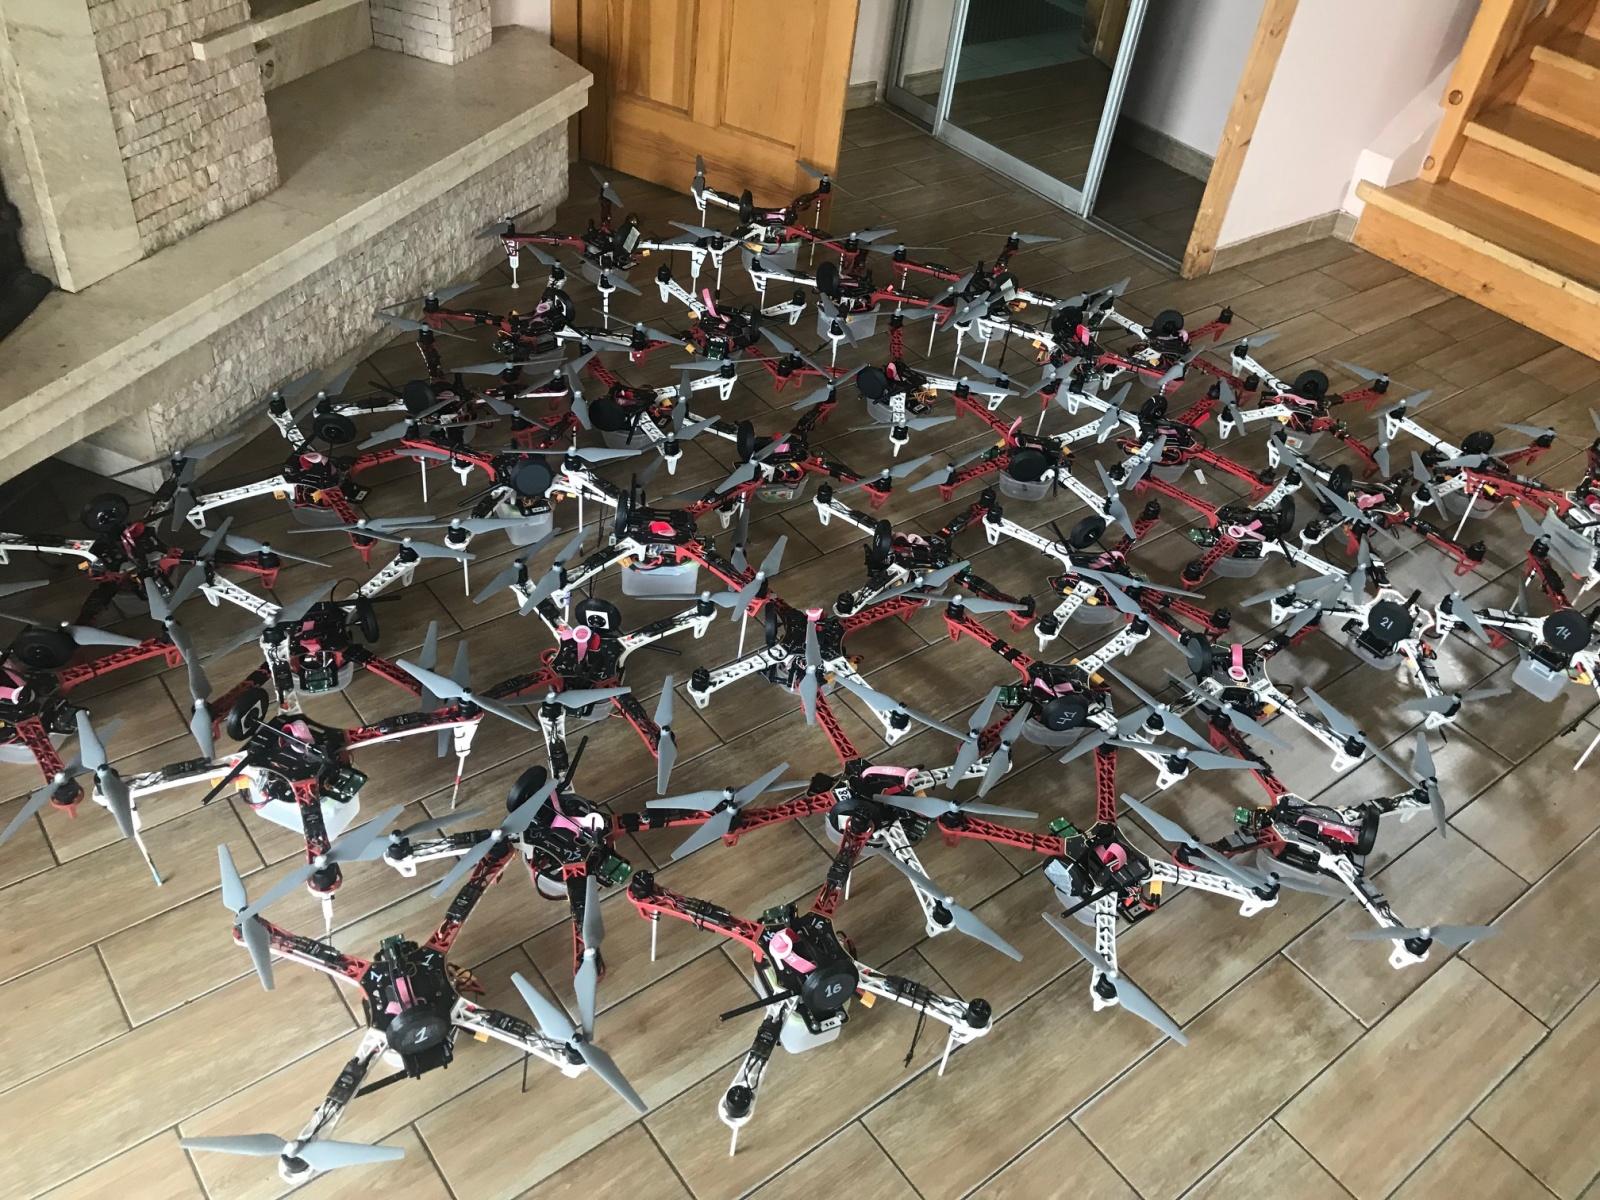 Шоу дронов: как мы координировали рой танцующих коптеров - 1